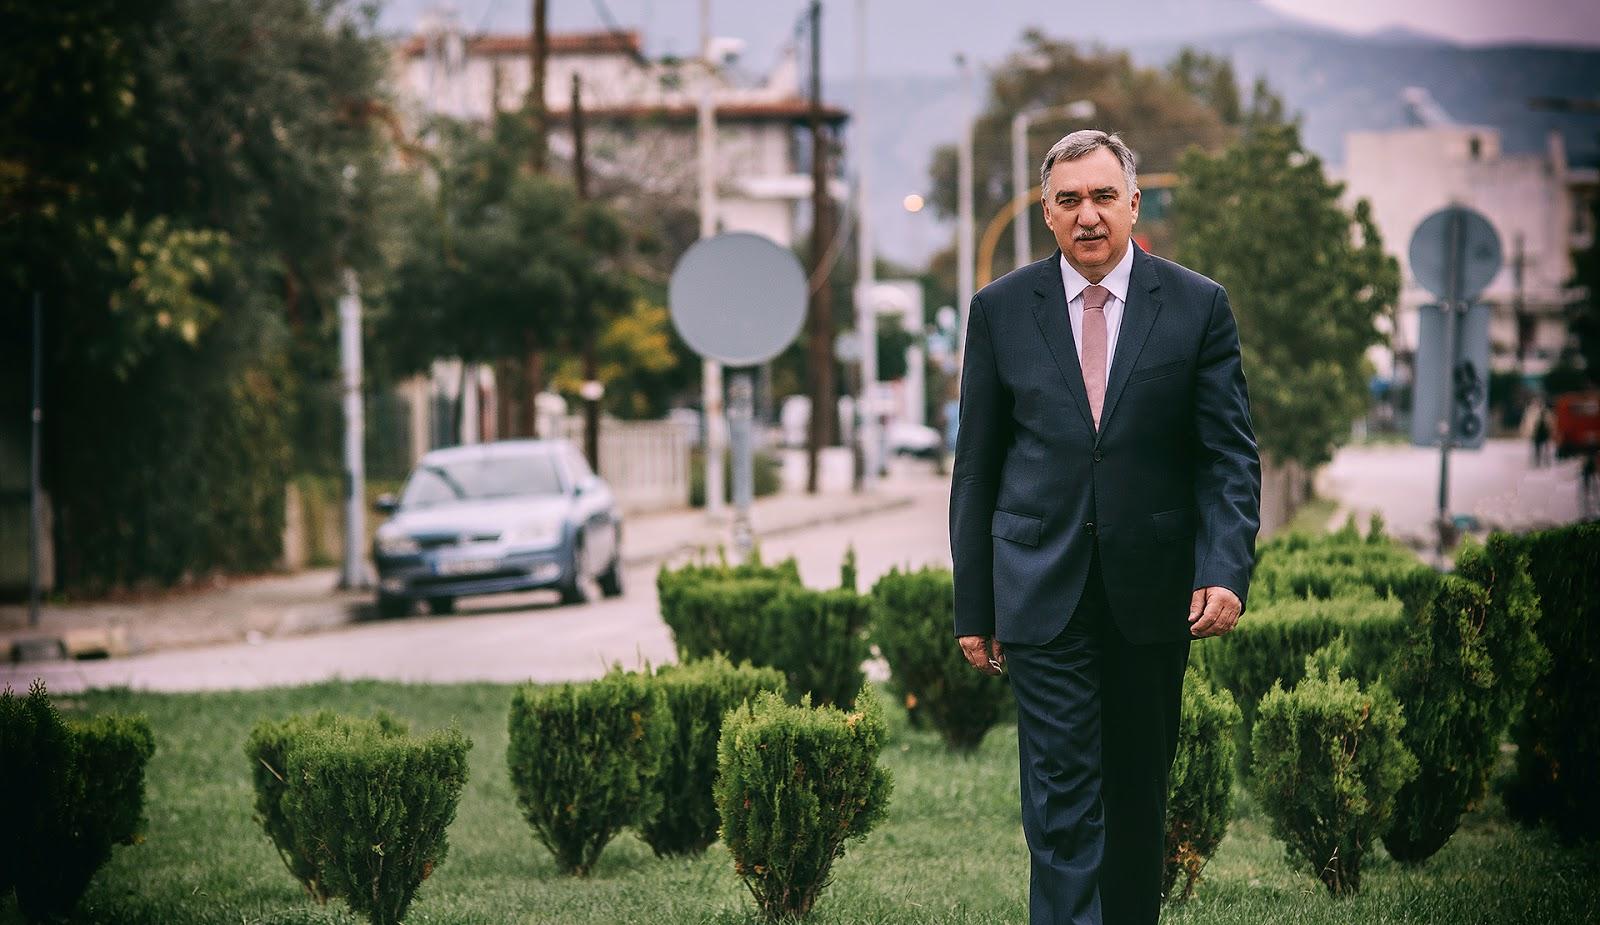 Τα θέματα που θα θέσει ο Θύμιος Καραΐσκος ως Δήμαρχος Λαμιέων - Καλύτερη  Λαμία